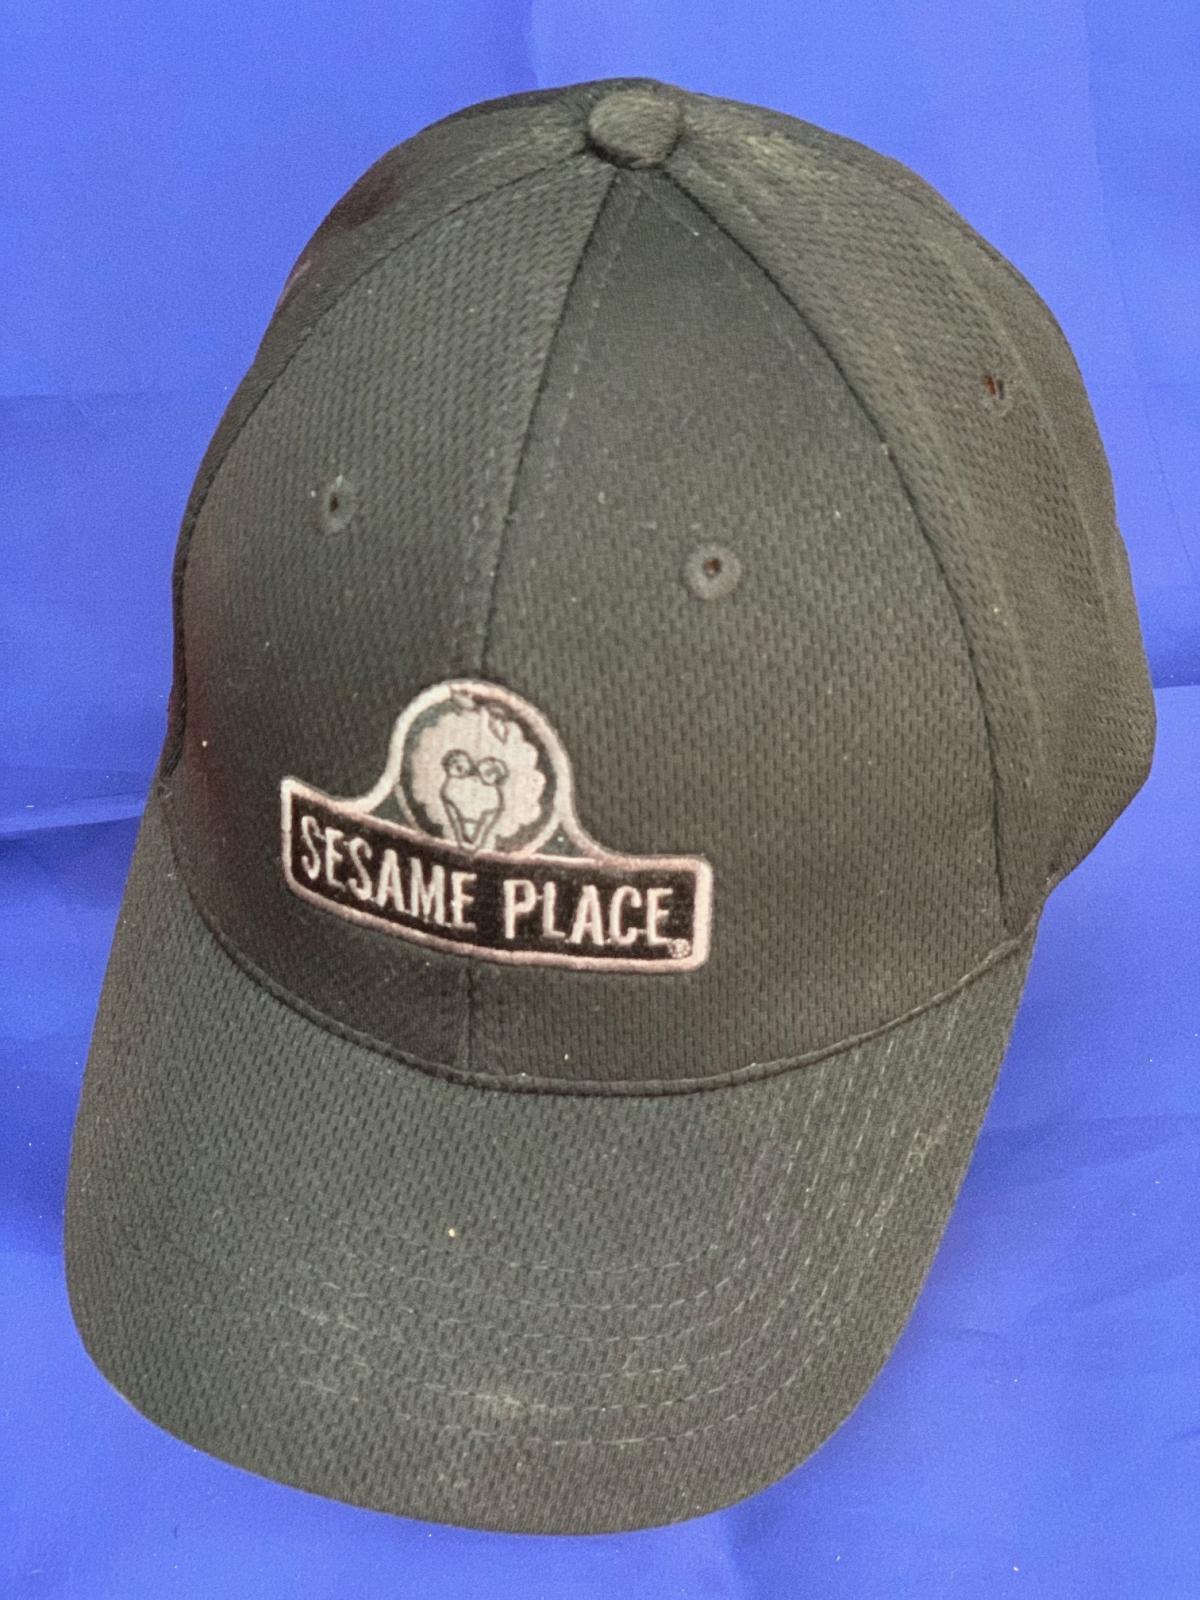 Черная кепка с принтом SESAME PLACE